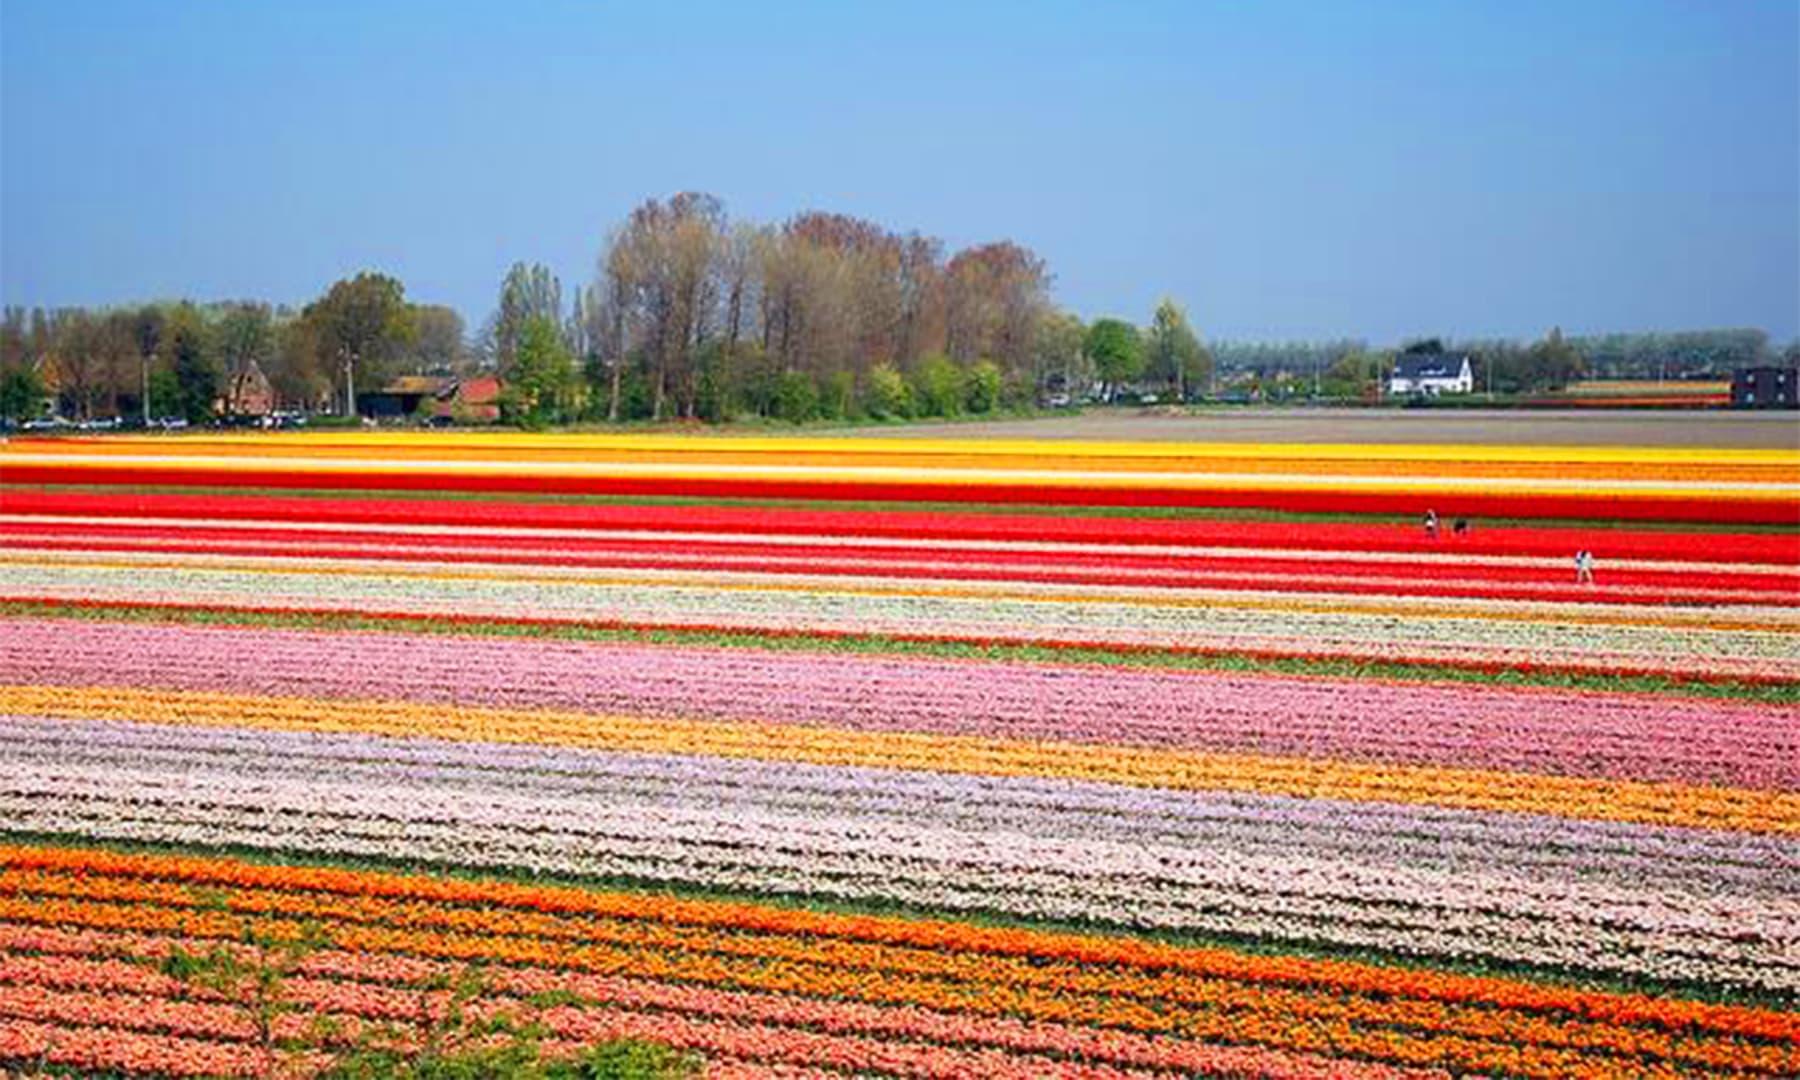 قوسِ قزاح کی طرح ست رنگی کھیتوں کے بیچوں بیچ سیدھے اور ہموار راستے